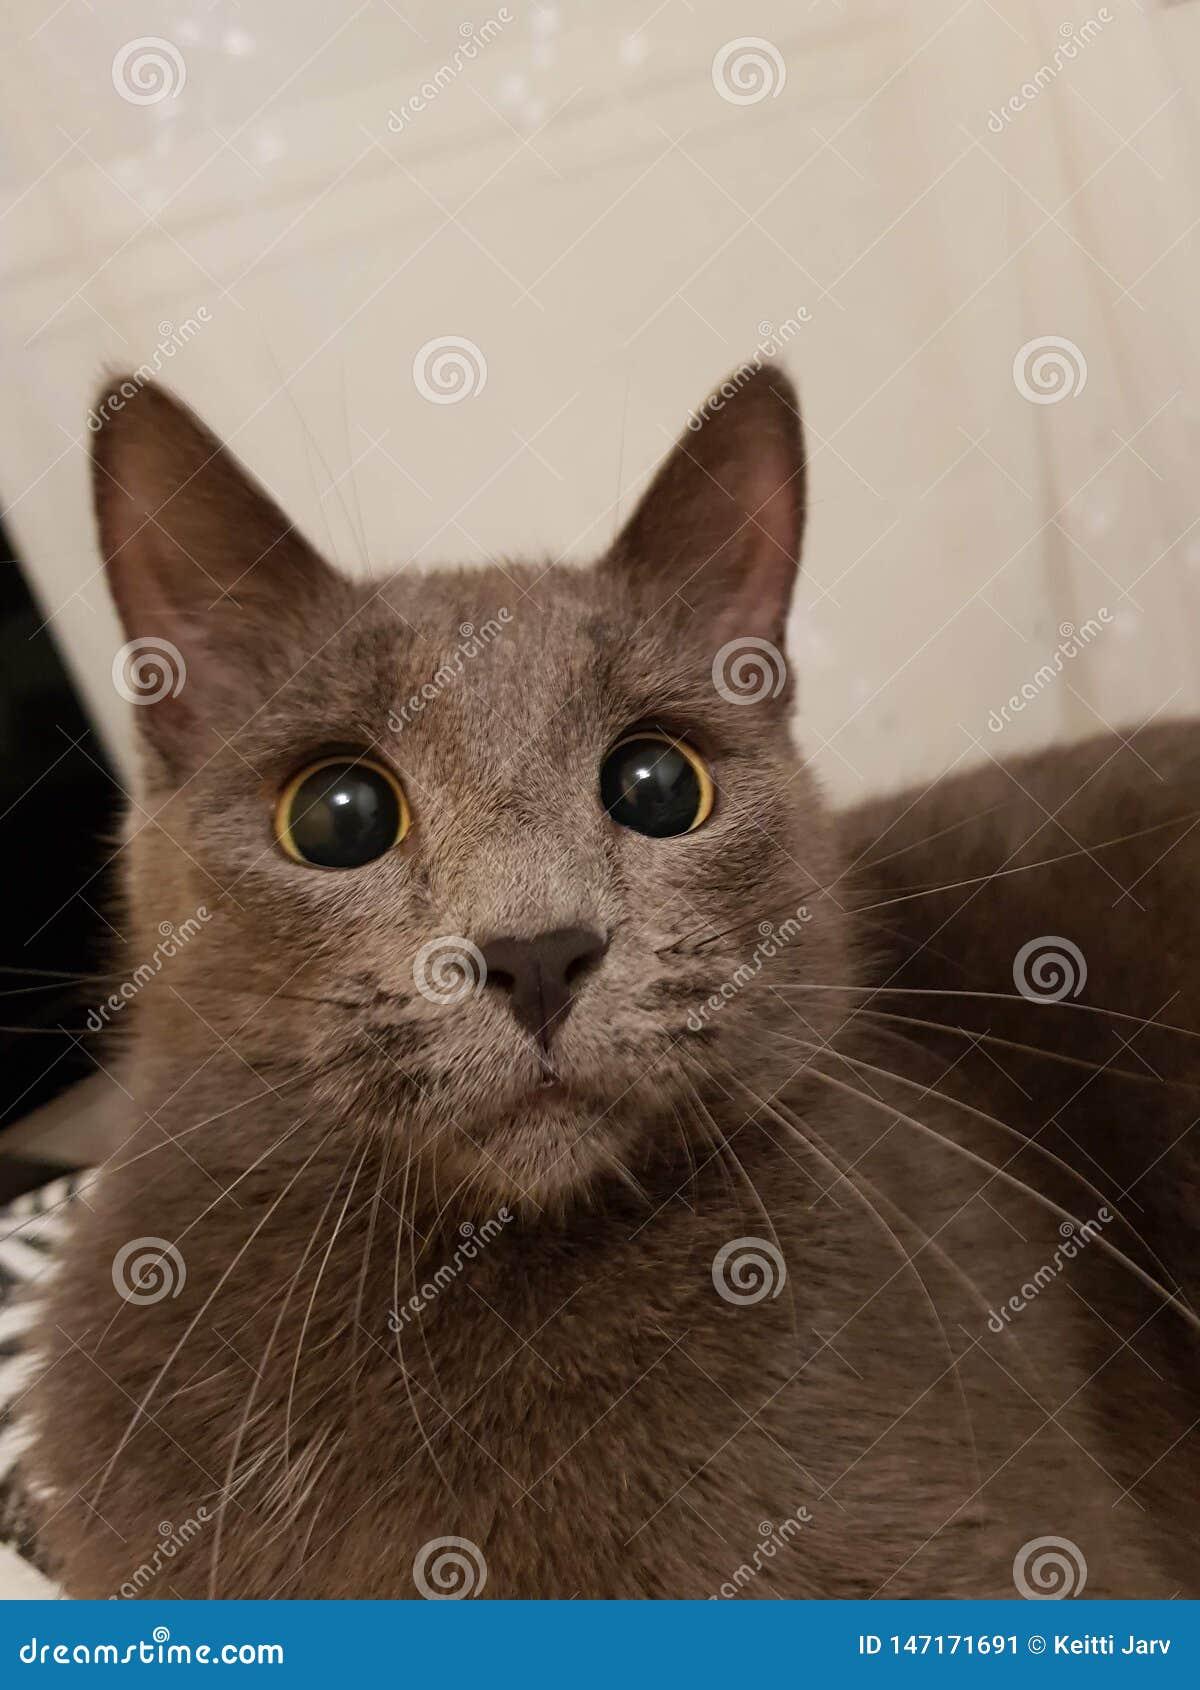 El gato que tiene una mirada divertida